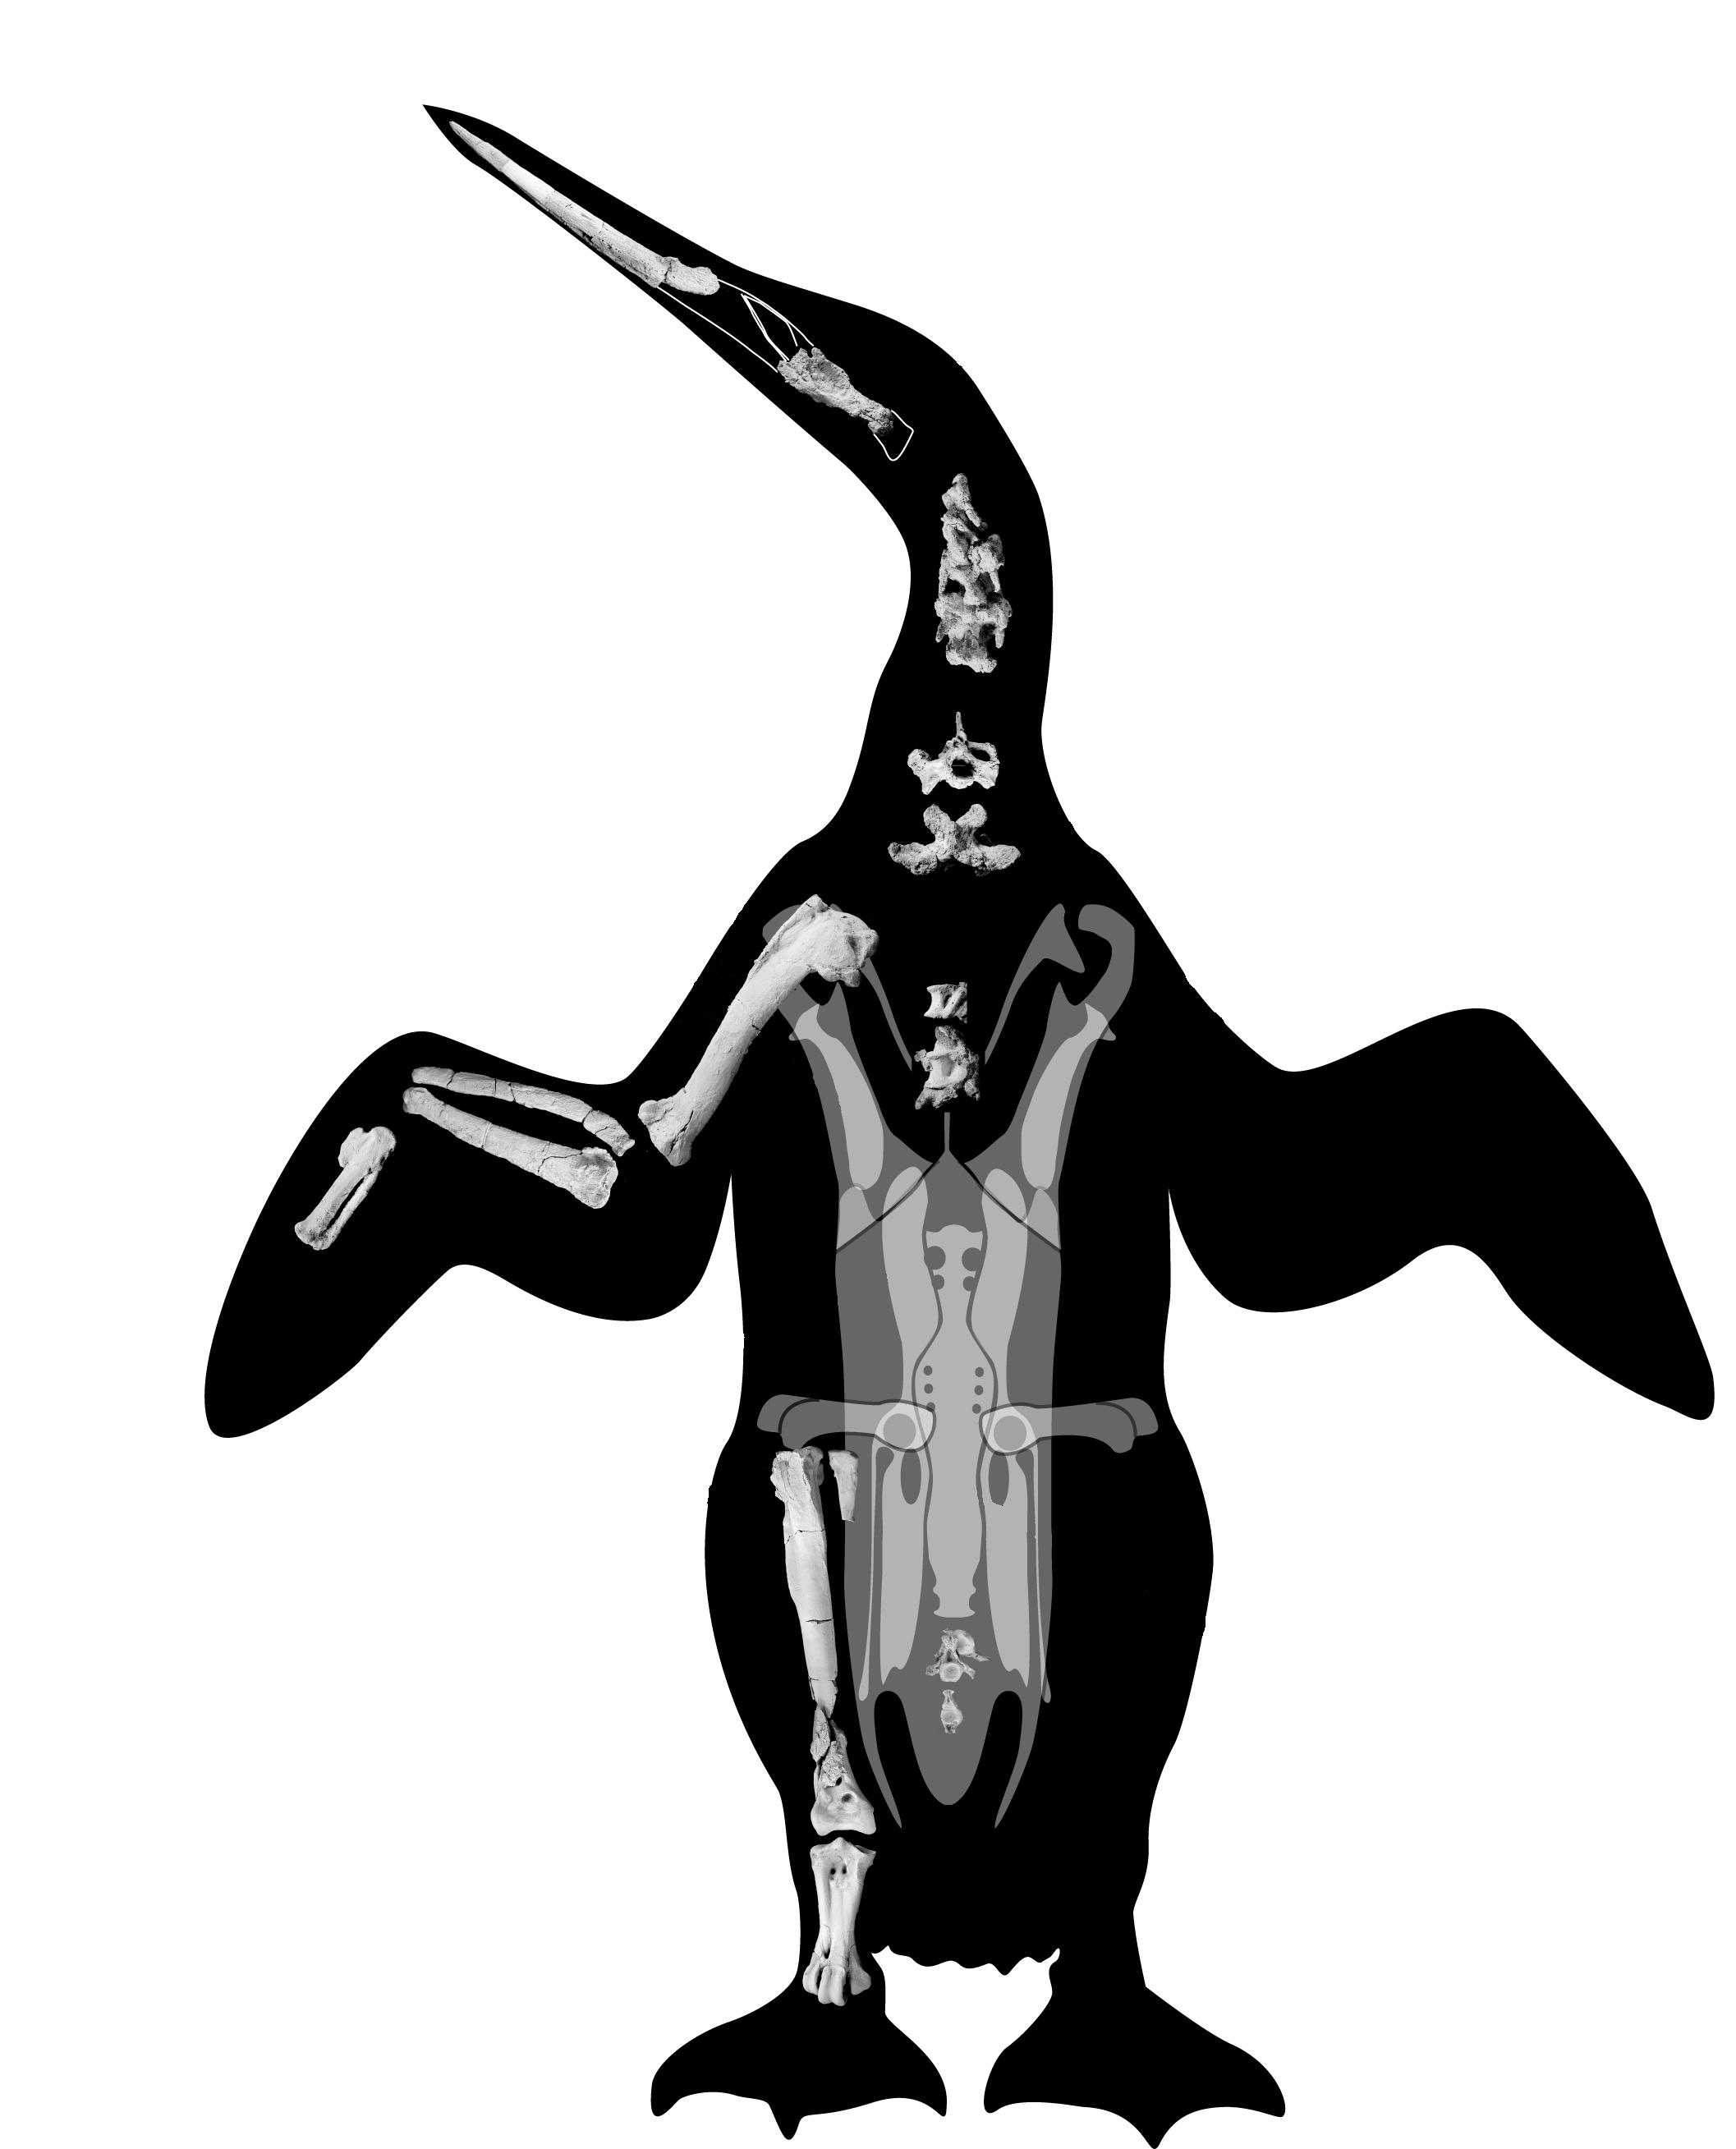 Composite skeleton of Waimanu tuatahi from Slack et al. (2006), via March of the Penguins.